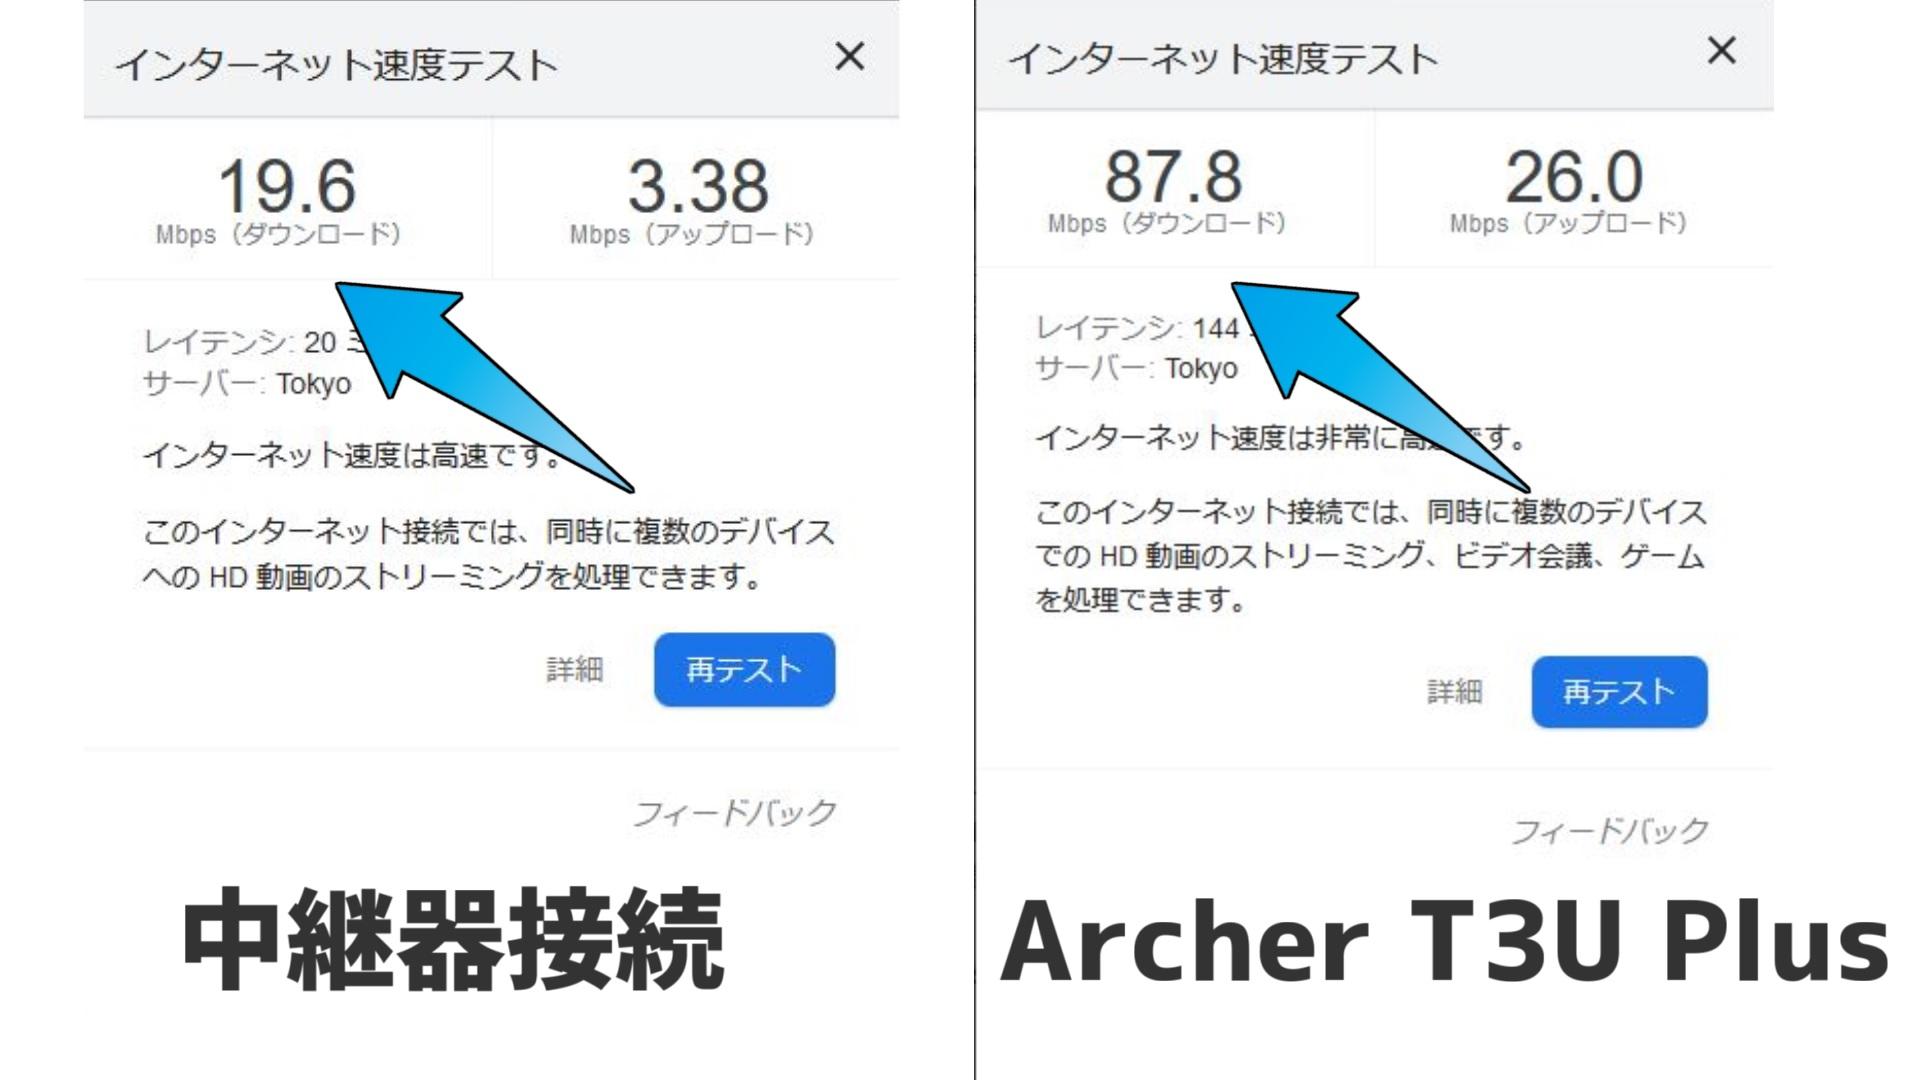 中継器は2.4GHzか5GHzか選べませんが、Archer T3U Plusは5GHzで接続しています。